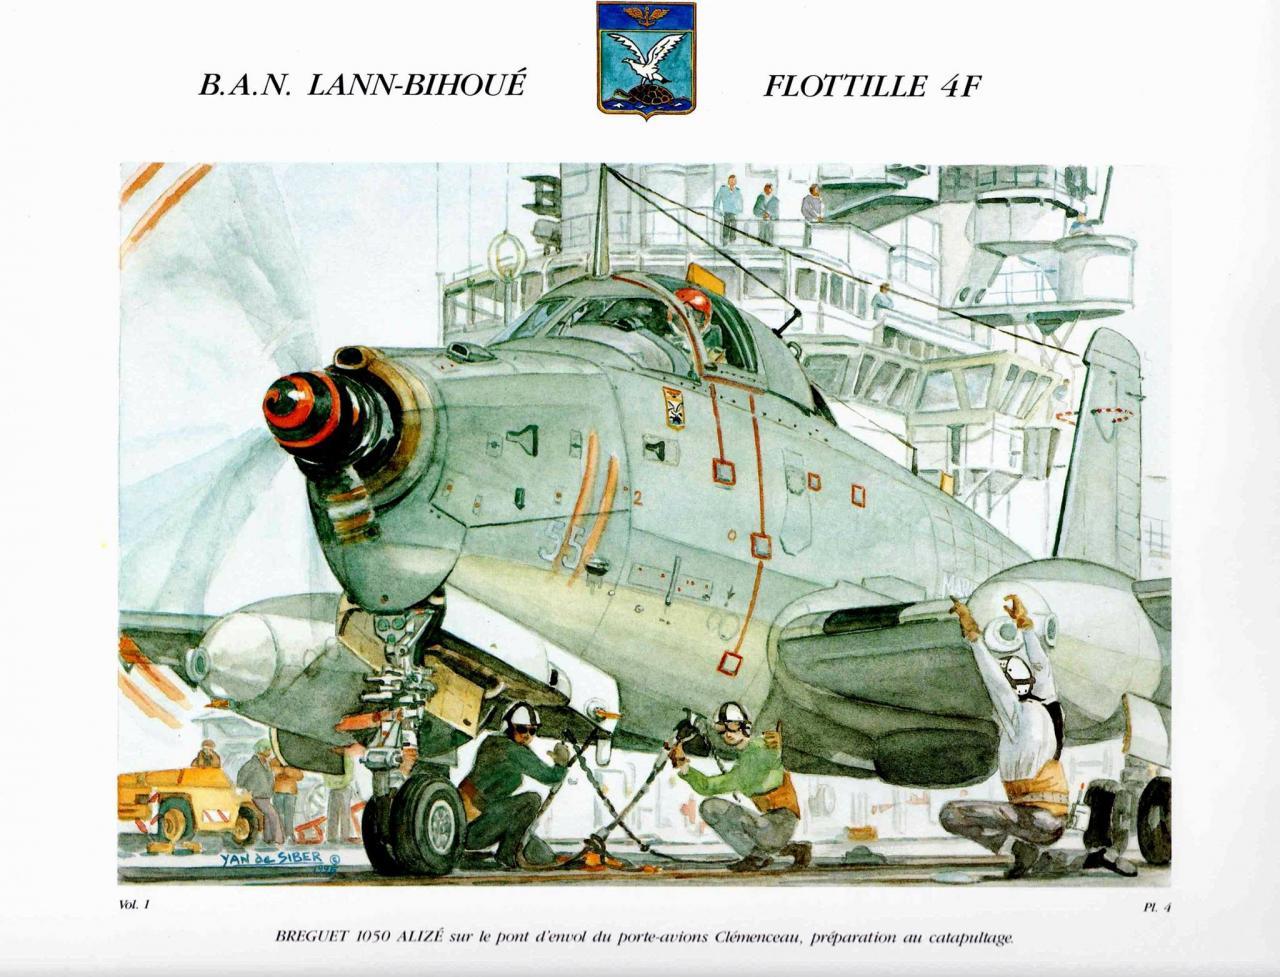 vue d'artiste (Yann de Siber), 50 ans de la BAN Lann-Bihoué en 1996